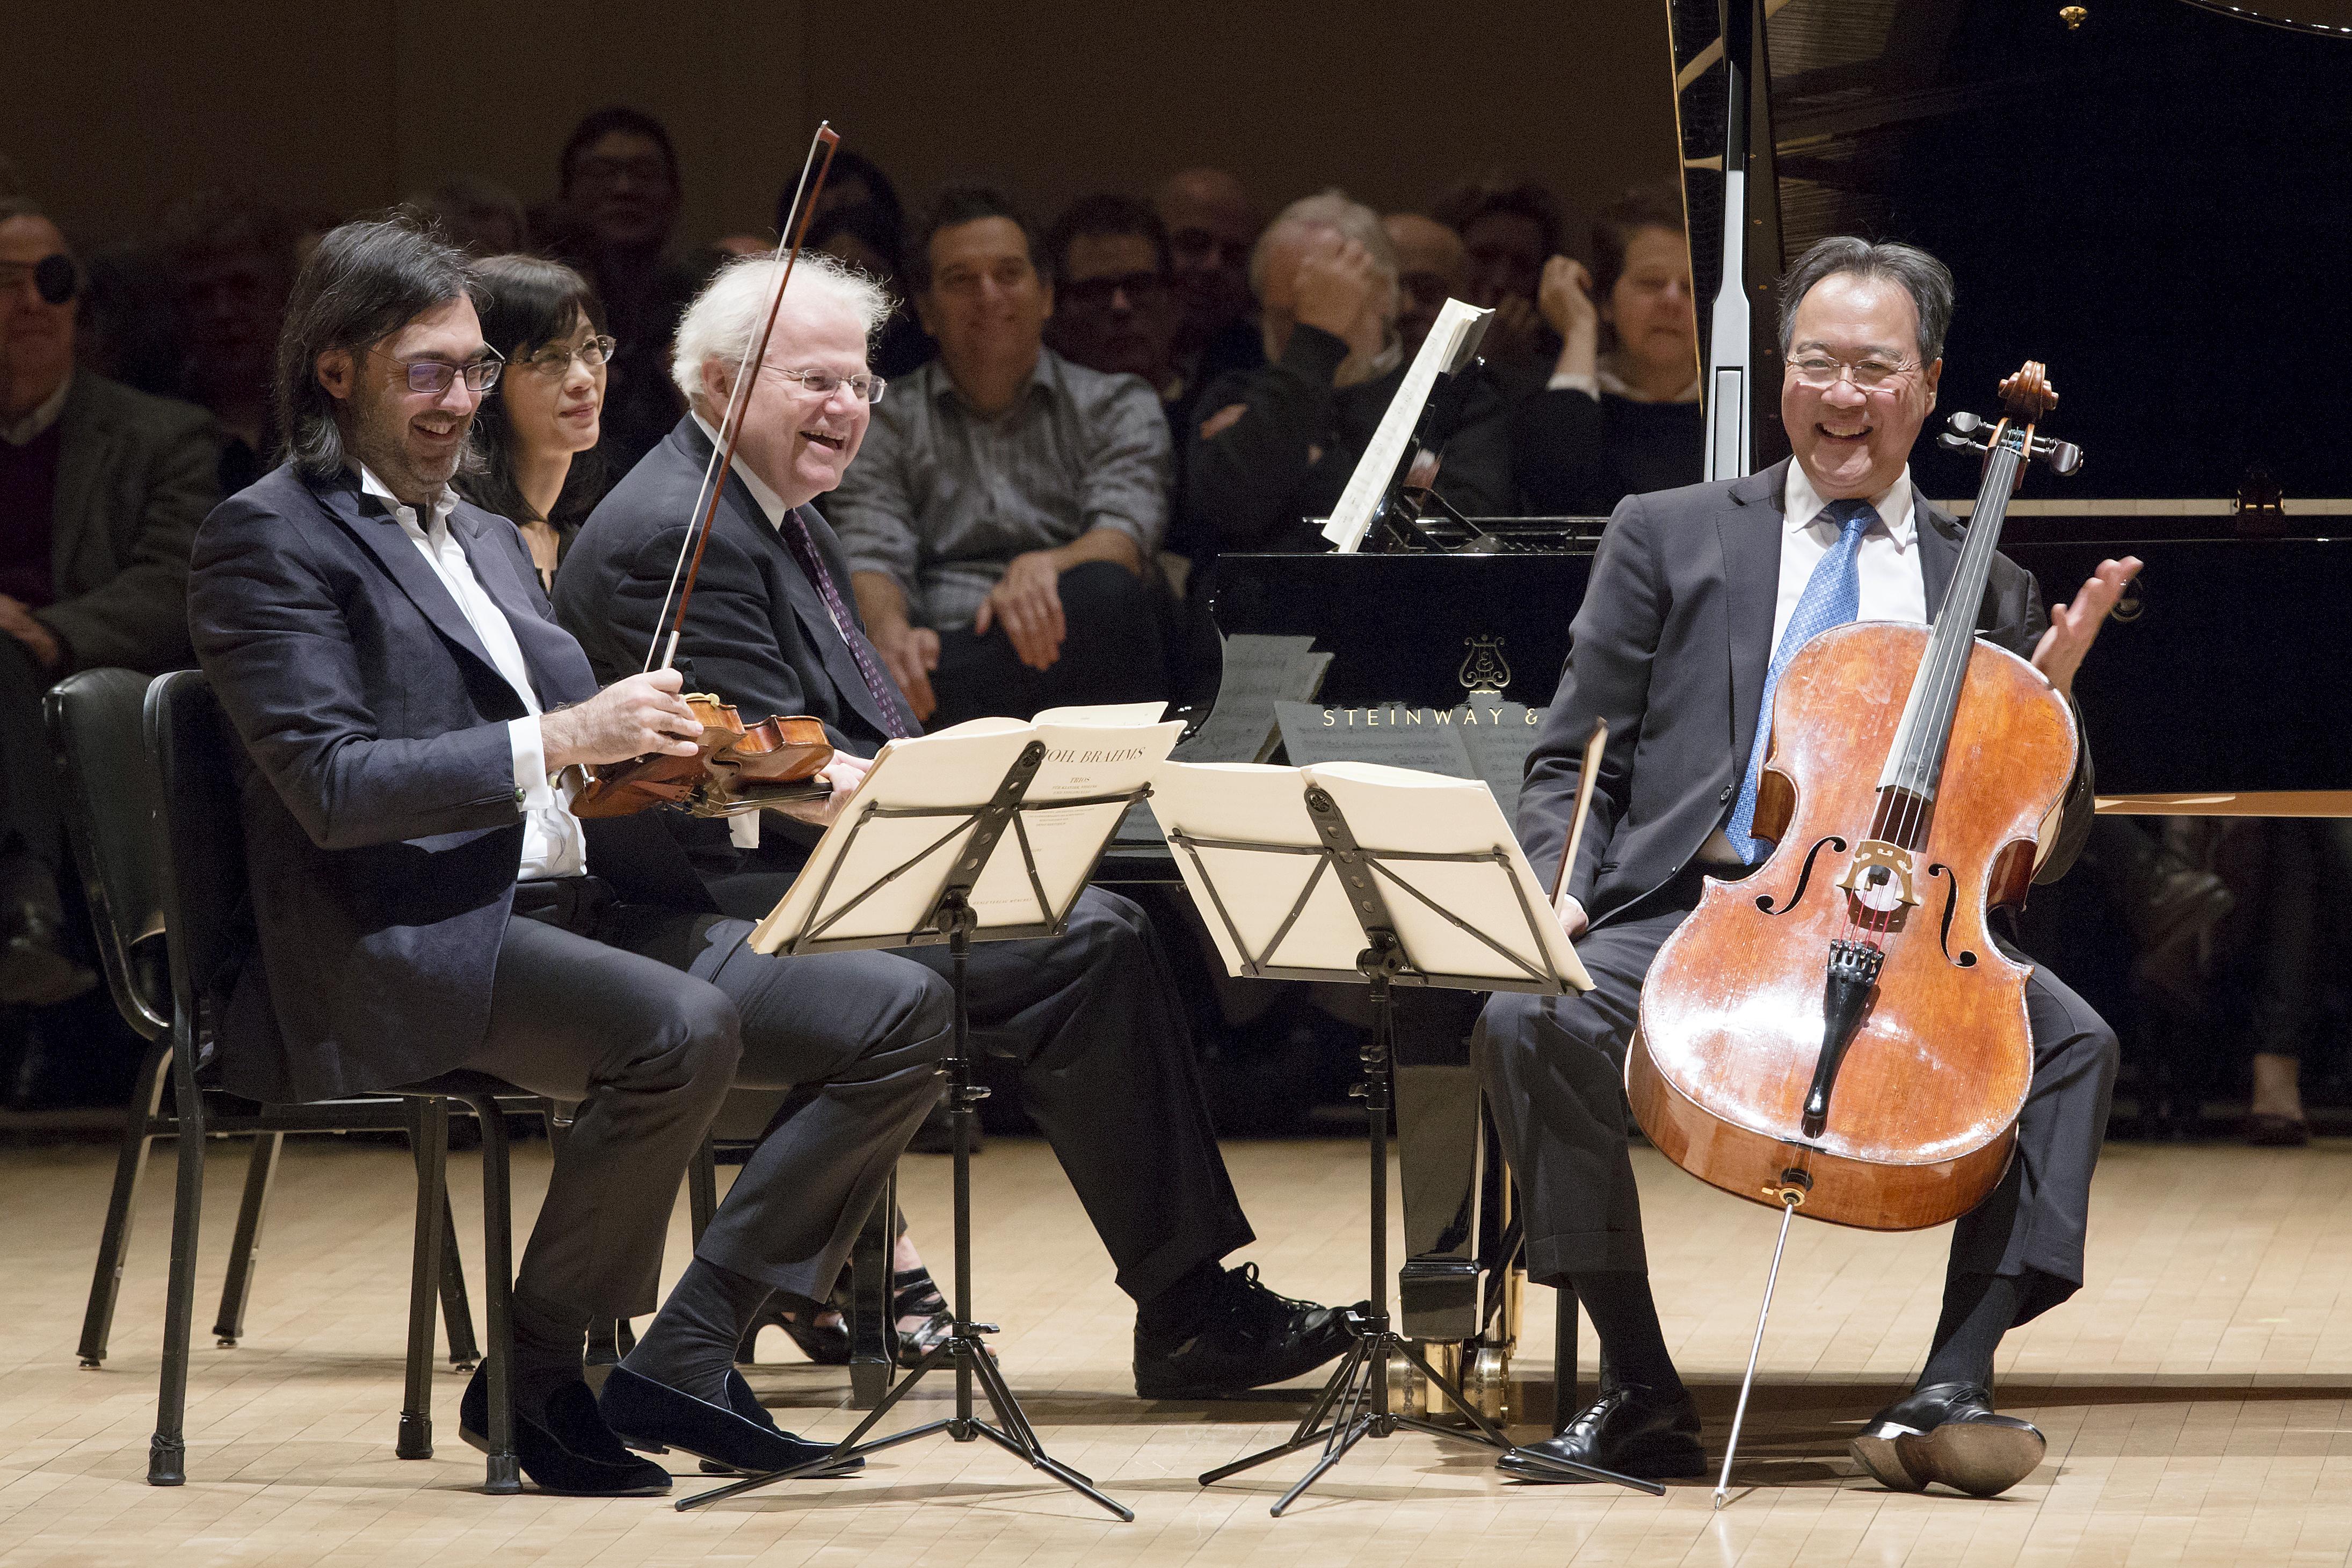 Μαγικό Τρίο Καβάκου-Γιο Γιο Μα-Αξ στο Carnegie Hall